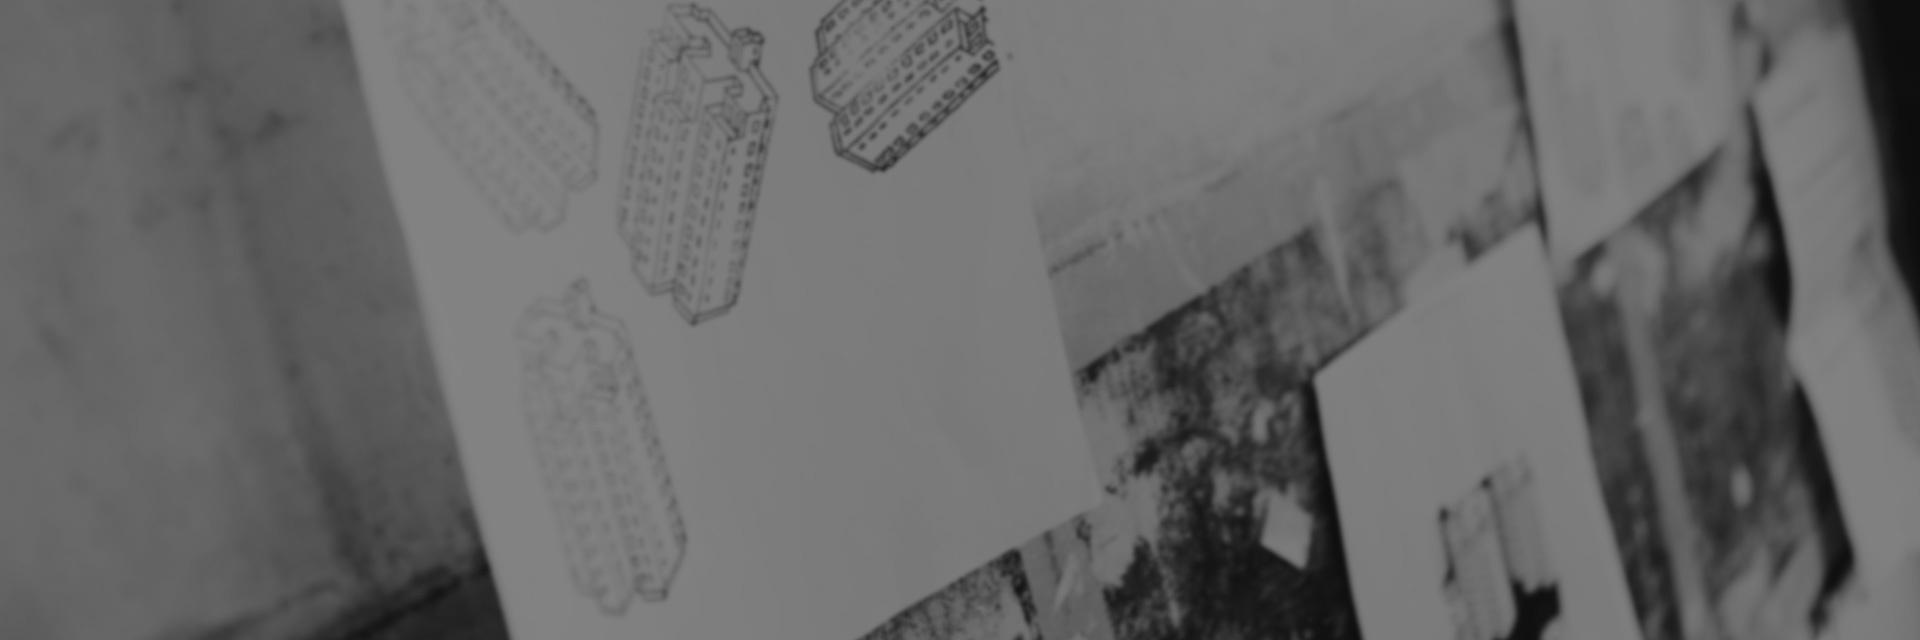 Zelect是造作生活研究所的一个新尝试。2014年到2016年,造作用两年时间了解中国城市中产阶级用户,通过获取新知,2017年起,我们开始挑选已有产品进行设计改造,让其保持高品质和高性价比,同时融入日常生活。与Z-Inhouse设计不同,Zelect更强调材质、功能性与日用需求,如材料舒适度、空间尺寸、清洁保养等。愿Zelect作品能与其他设计品一起,为你打开丰富的日常。